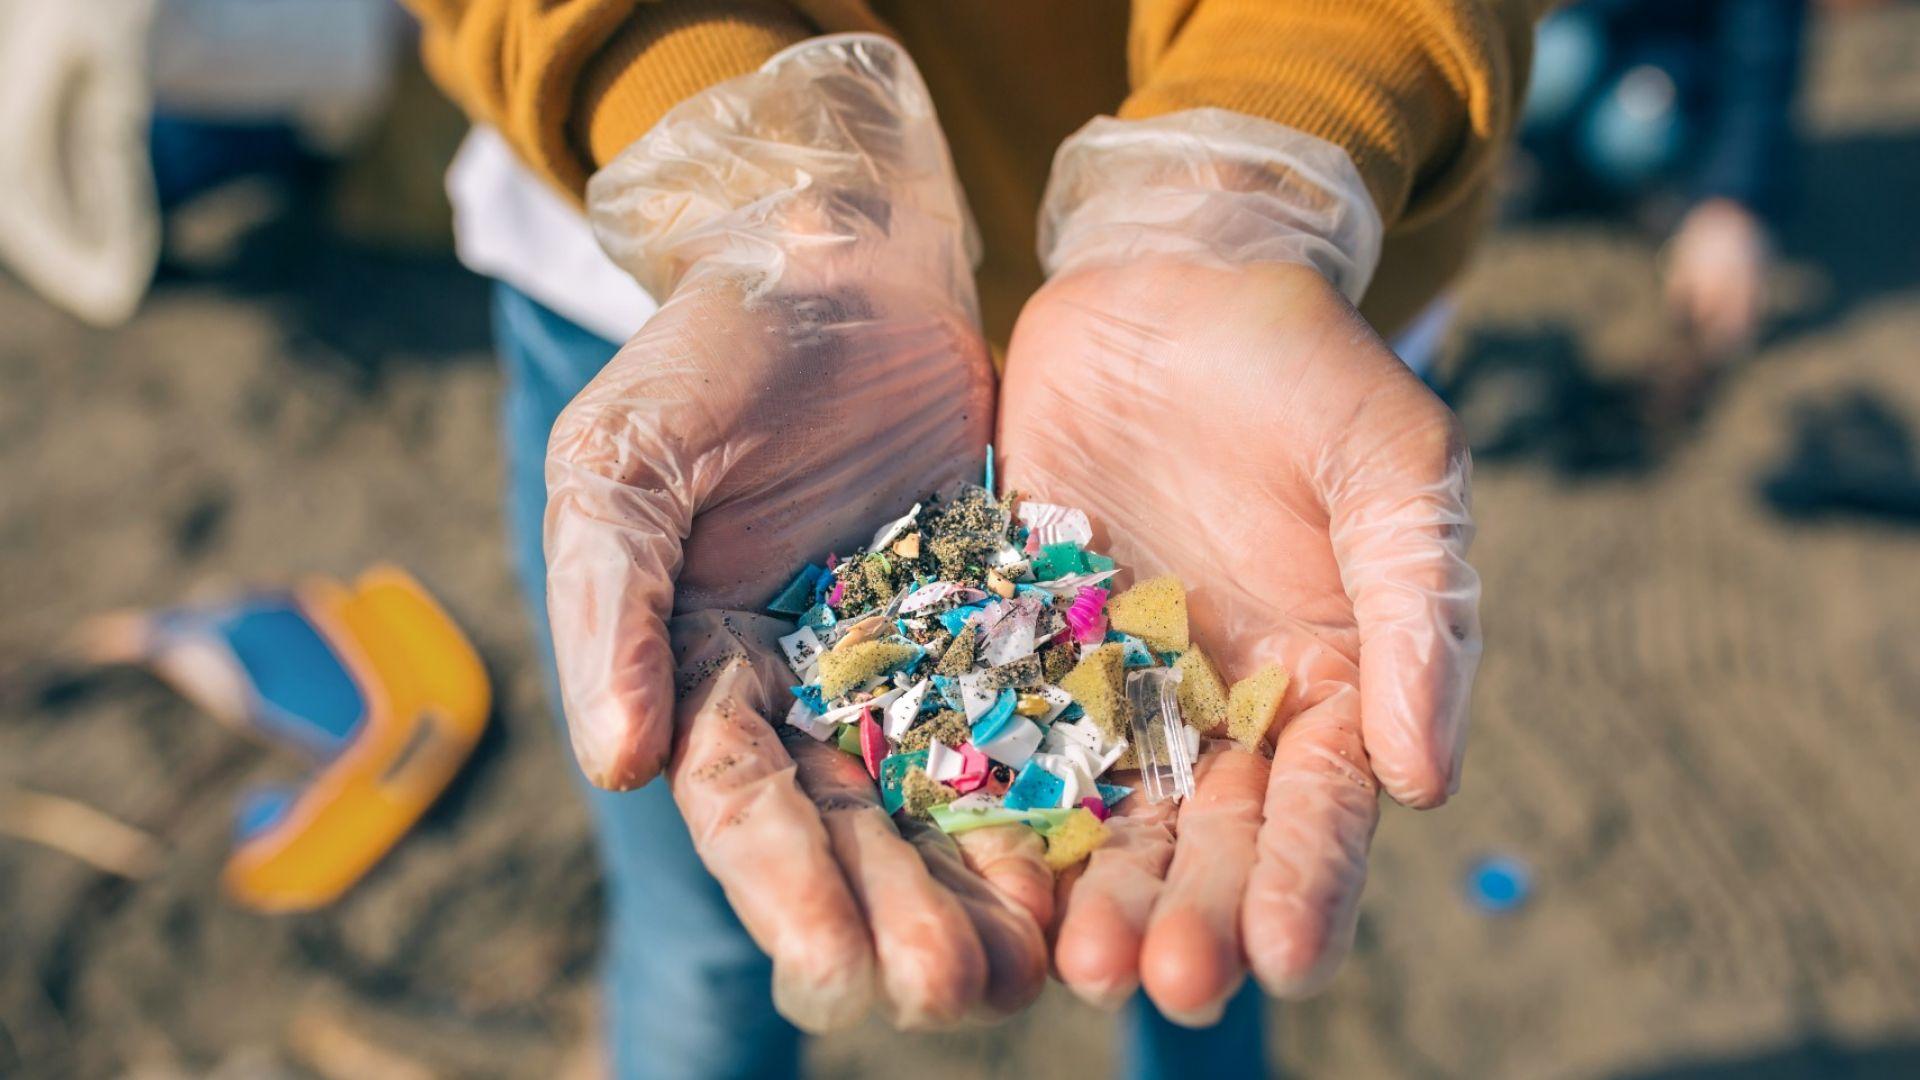 Създадоха ензим, който разяжда пластмасата с удивителна скорост